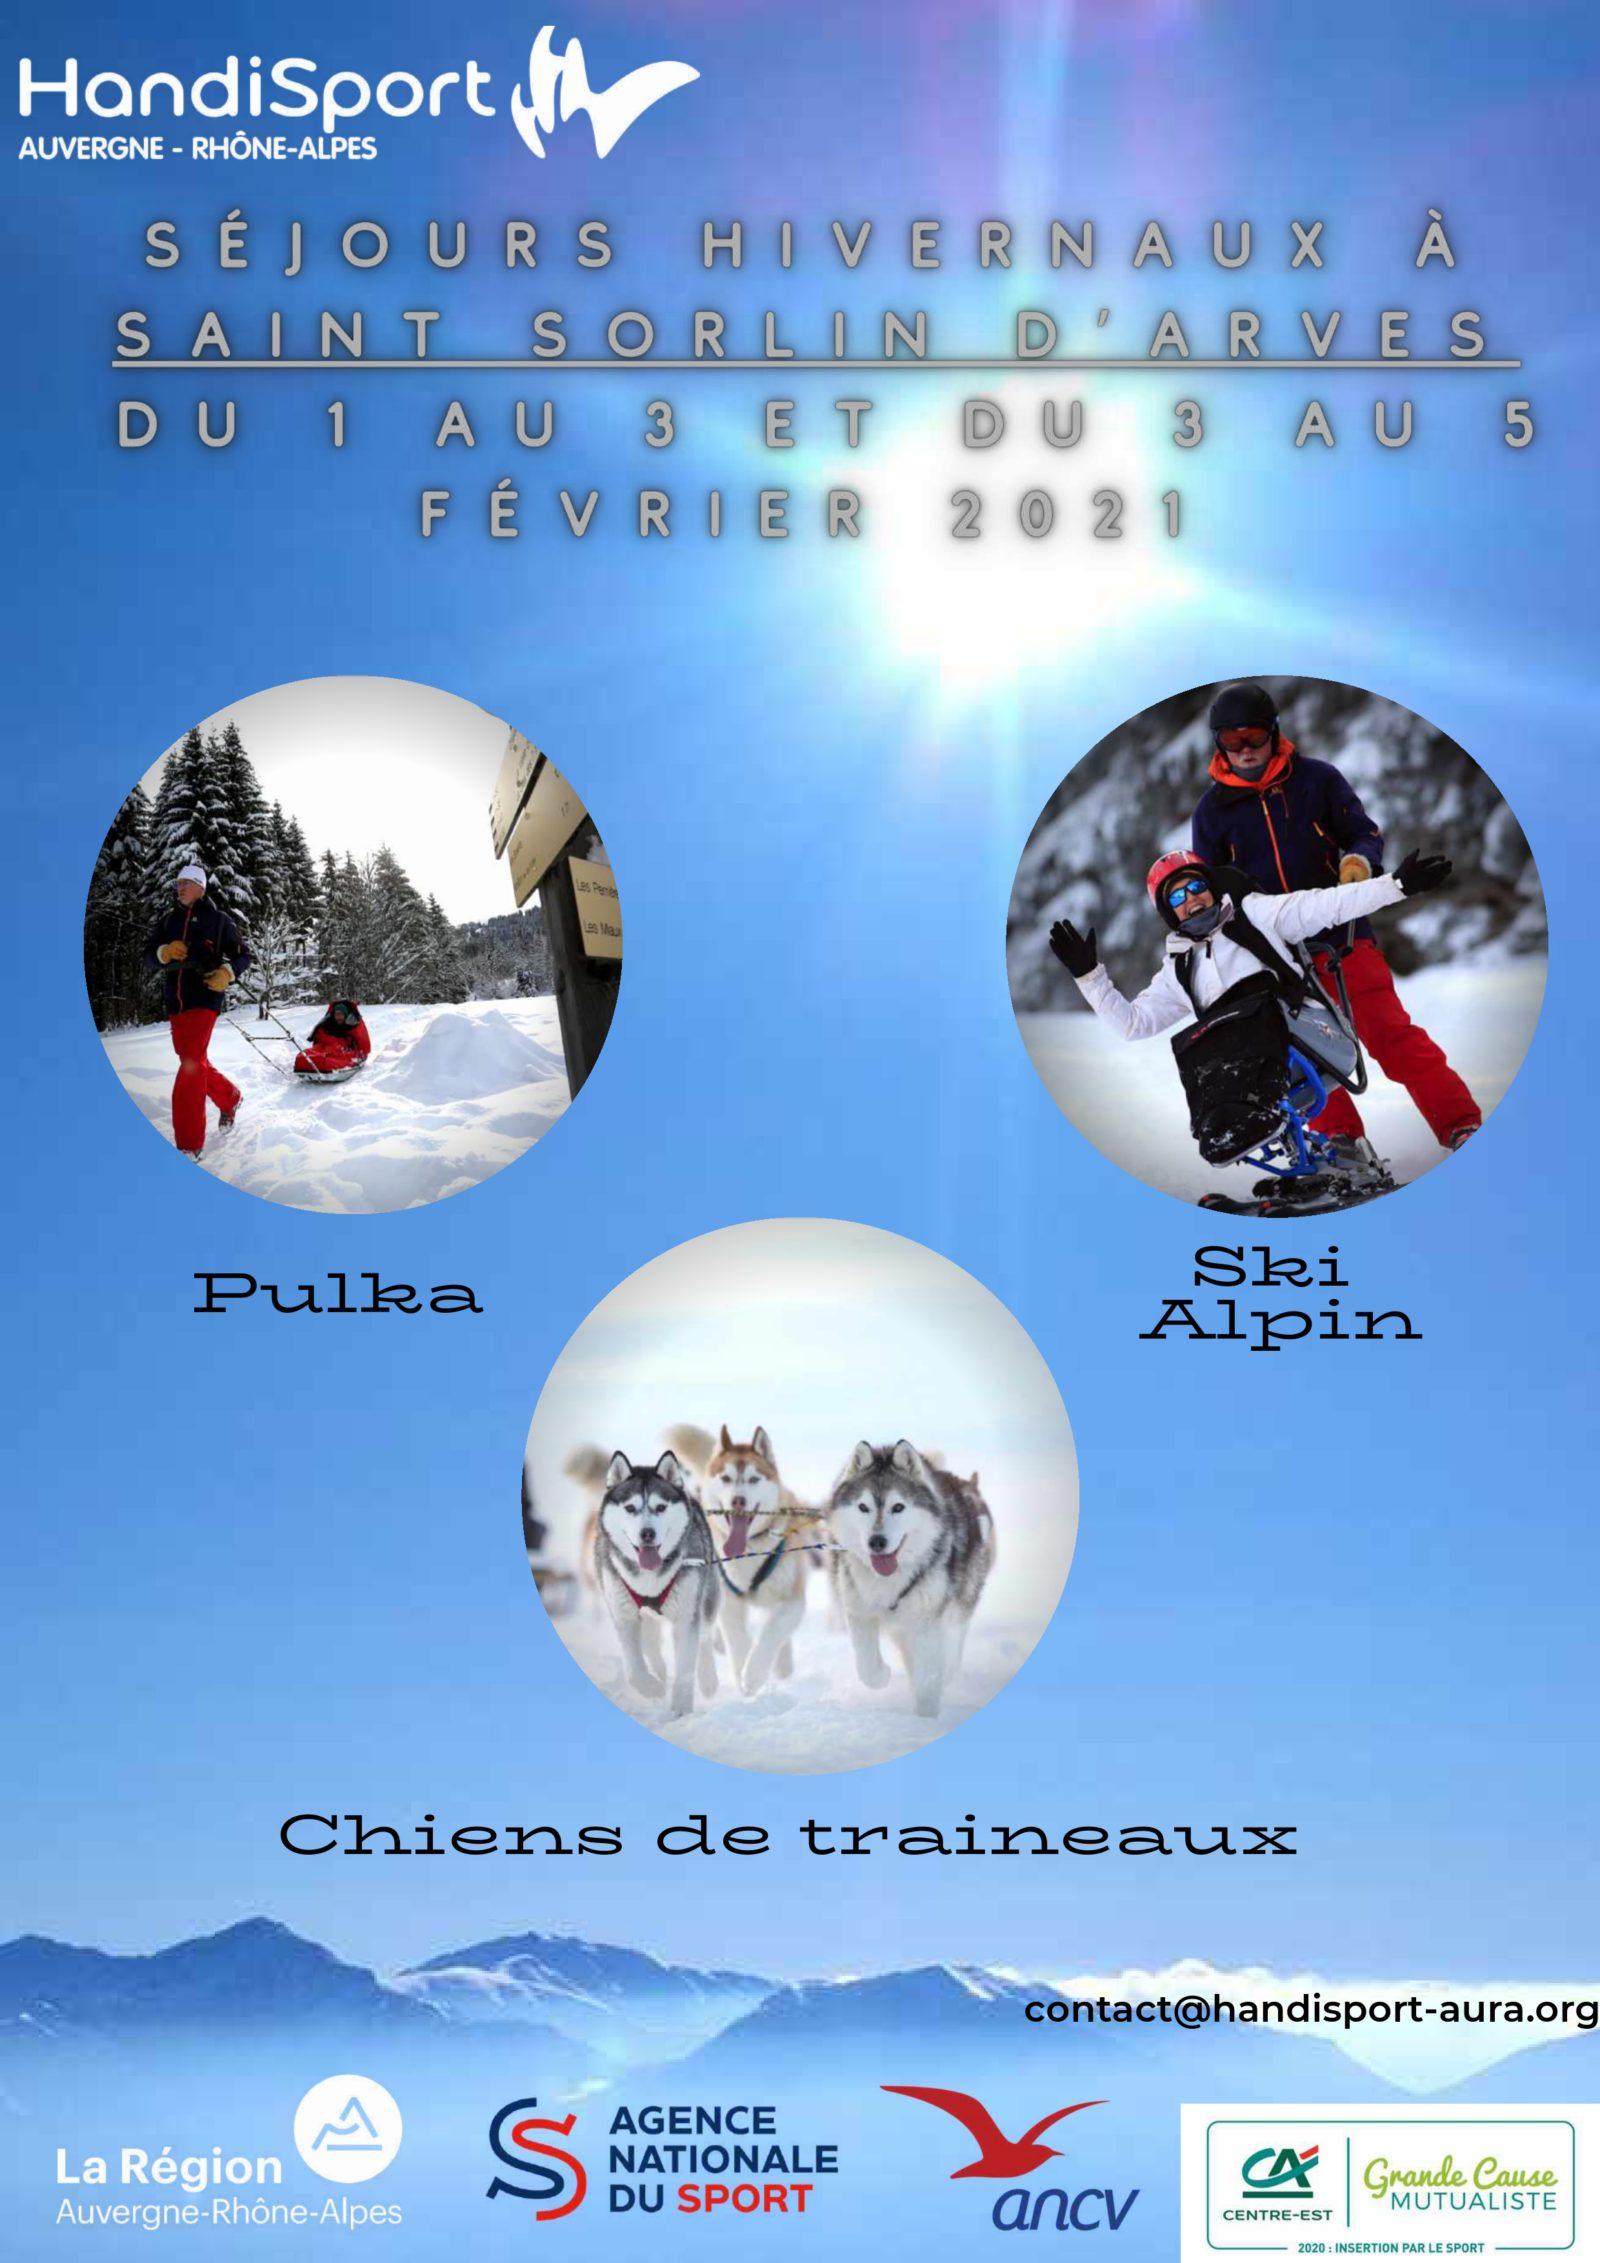 Séjour hivernal Auvergne-Rhône-Alpes  Saint Sorlin d'Arves